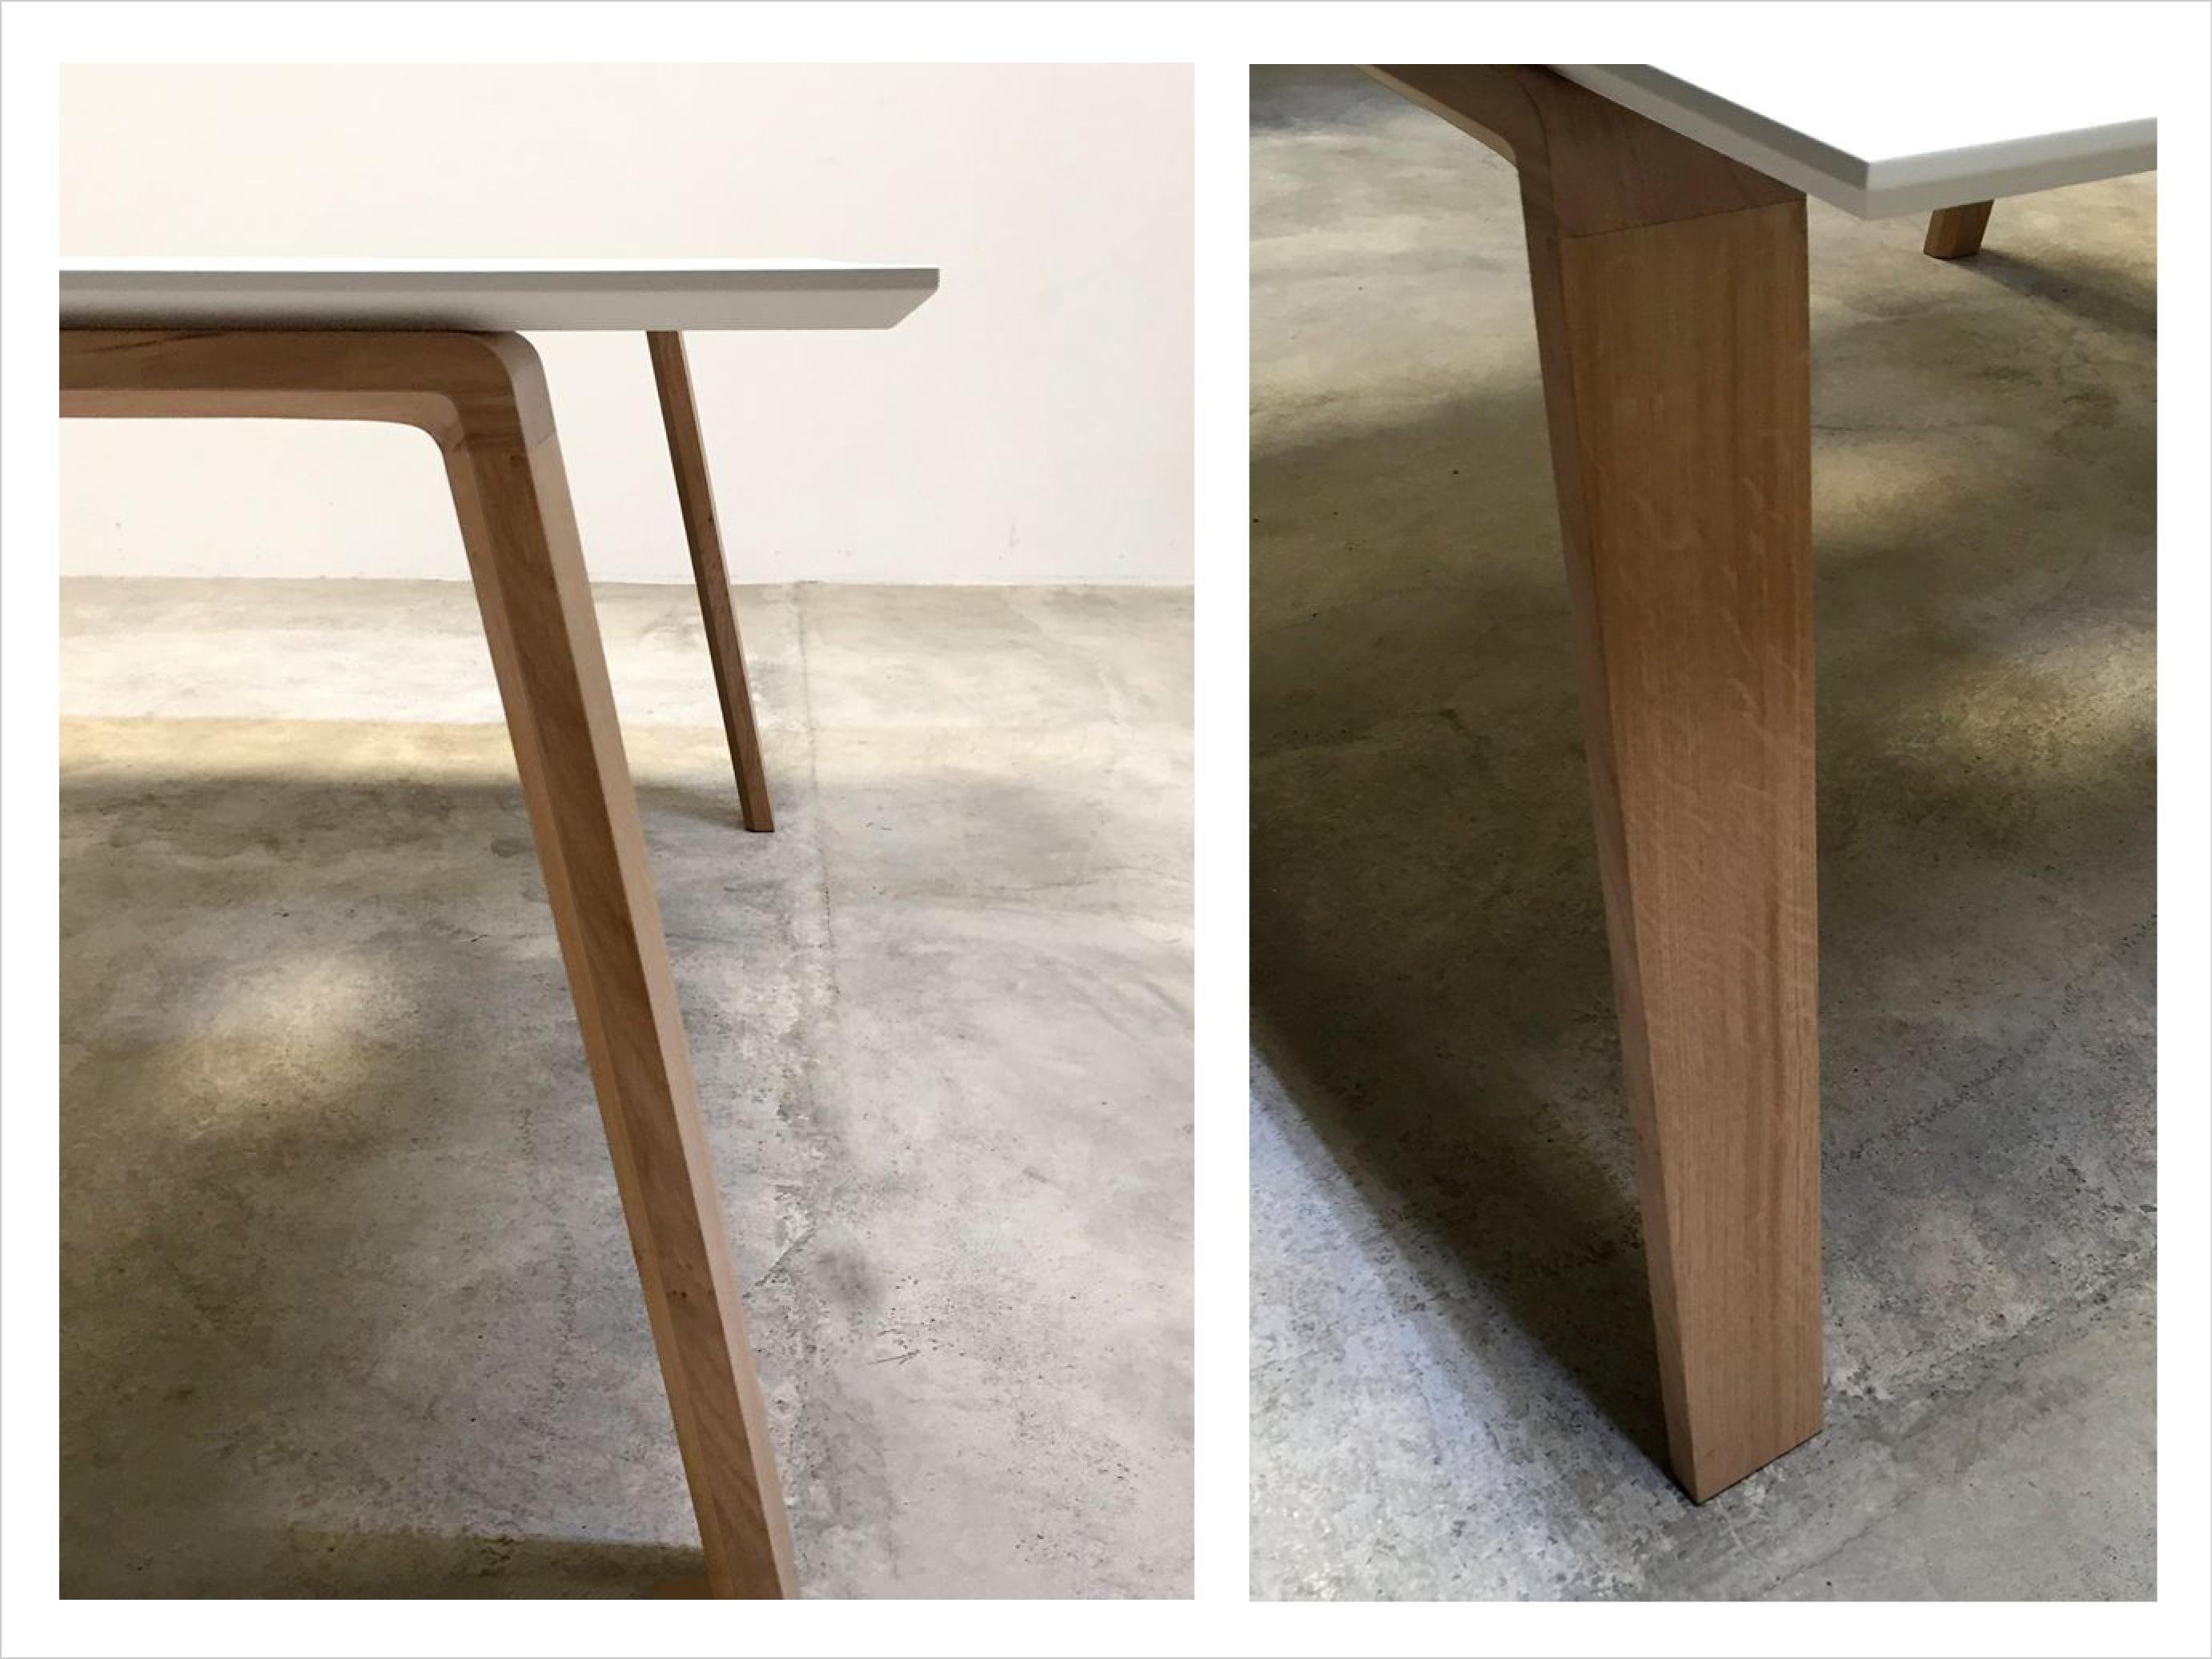 Superb Boss system tables to Famo design by Aitor G de Vicu a AGVestudio